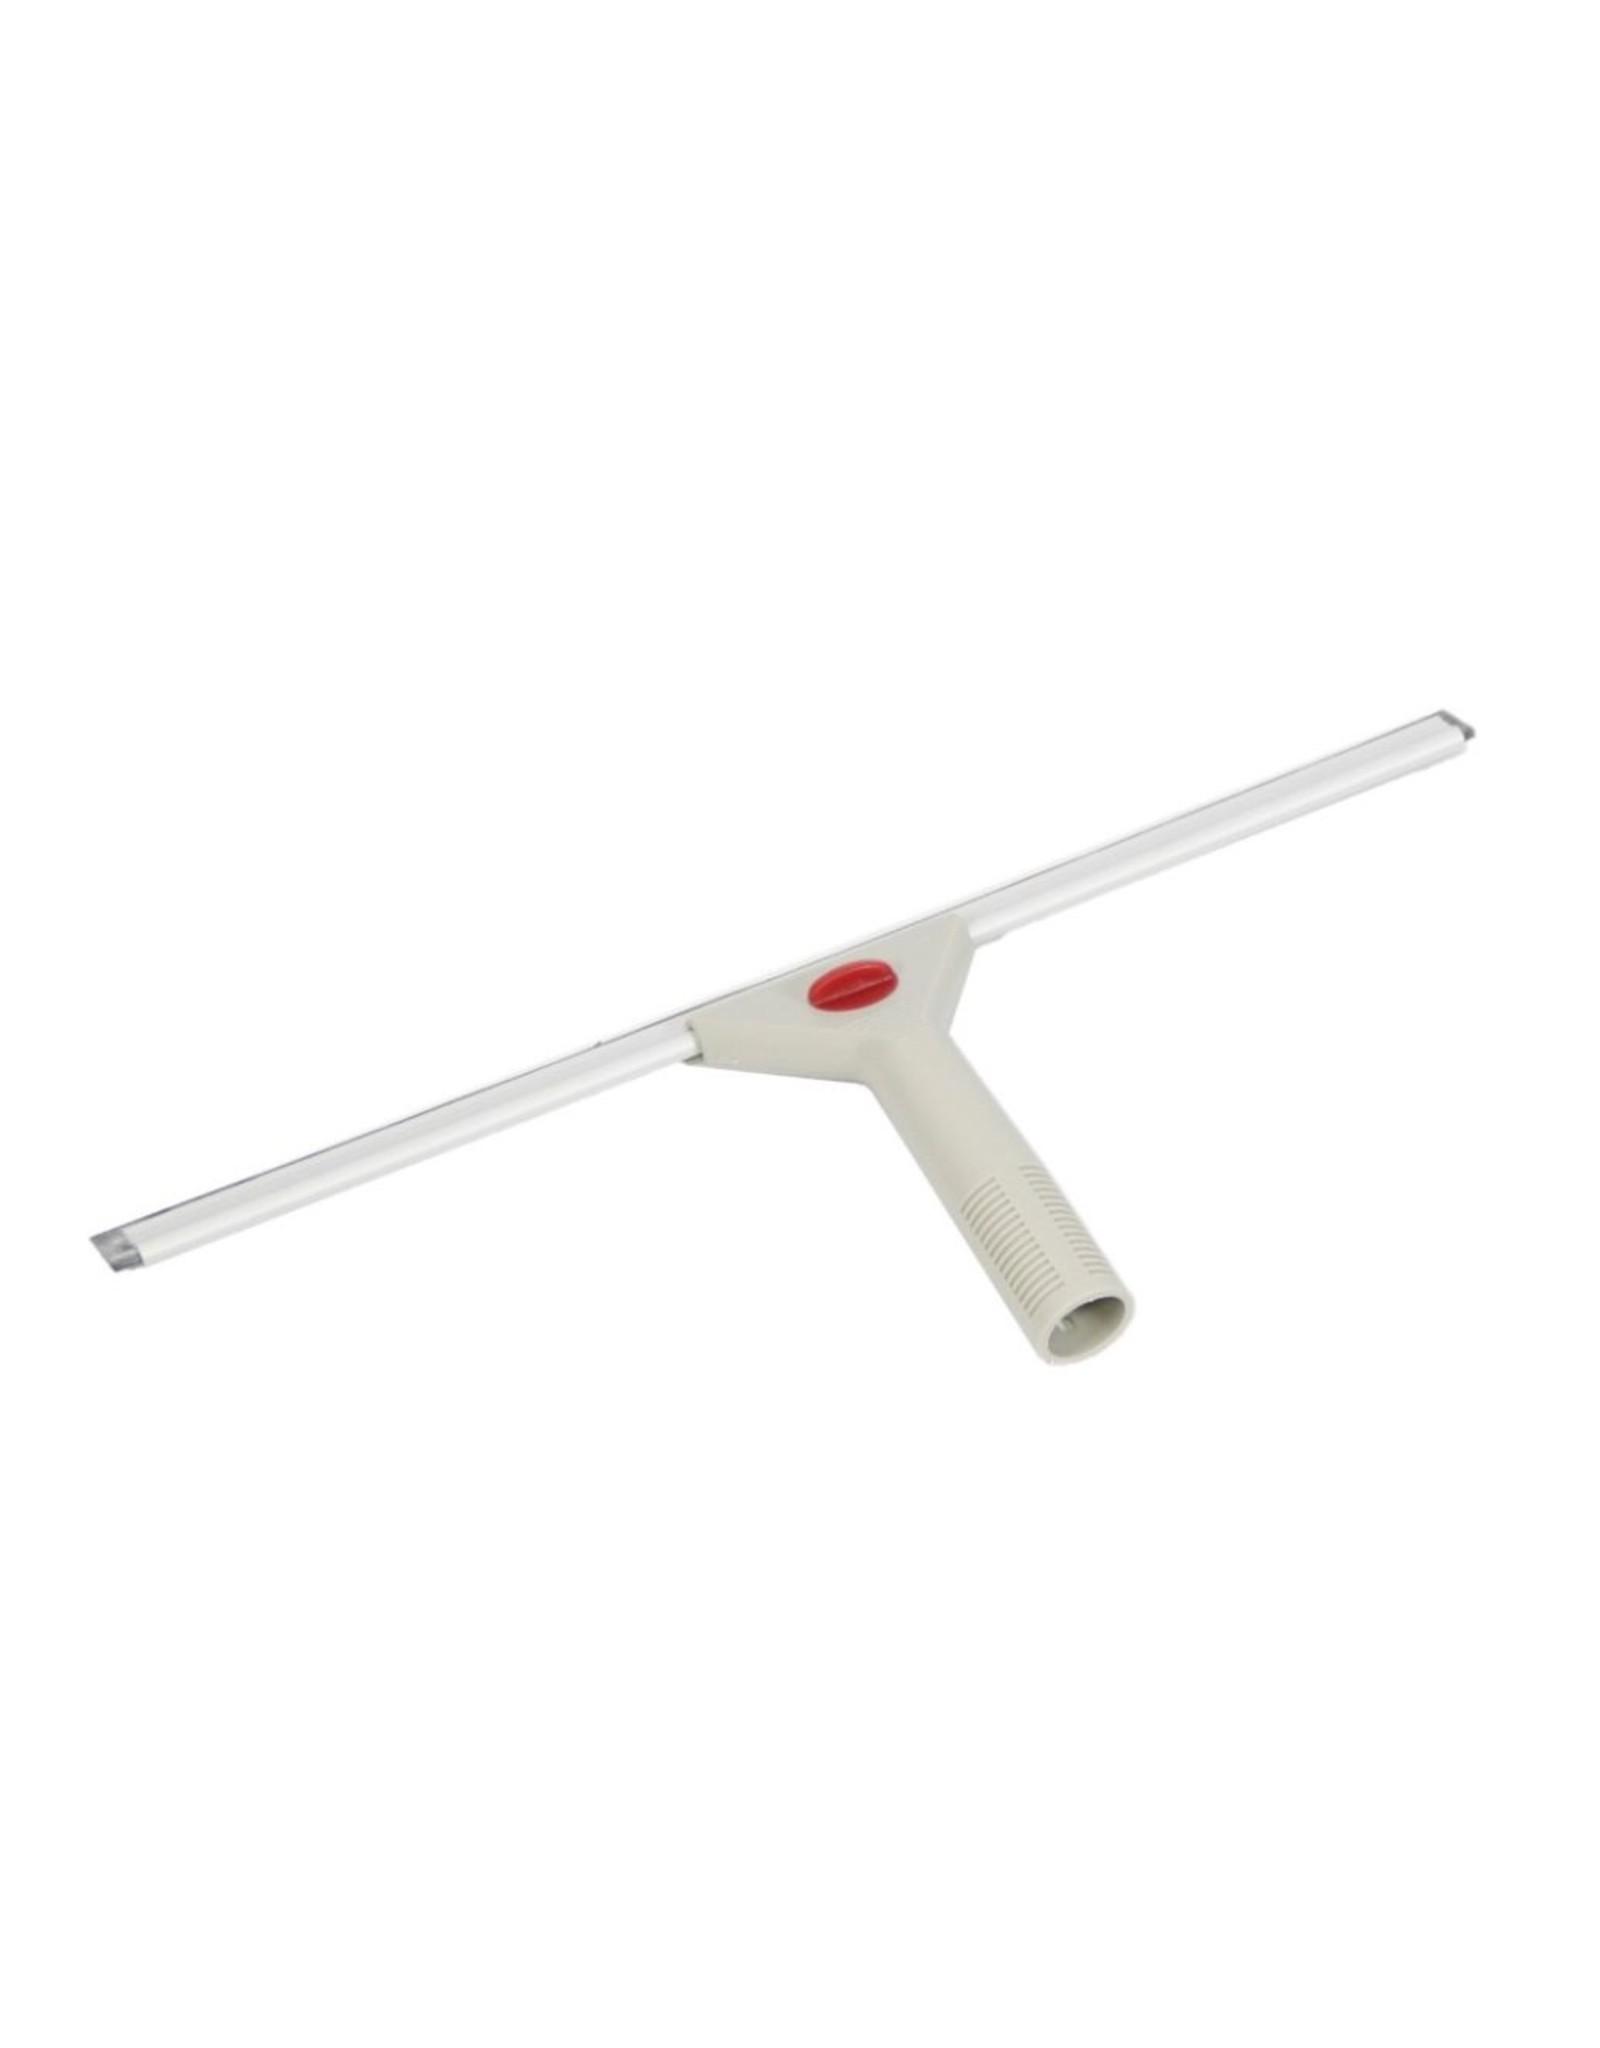 Ruitenwisser kunststof 45cm compleet. grijs/rode knop